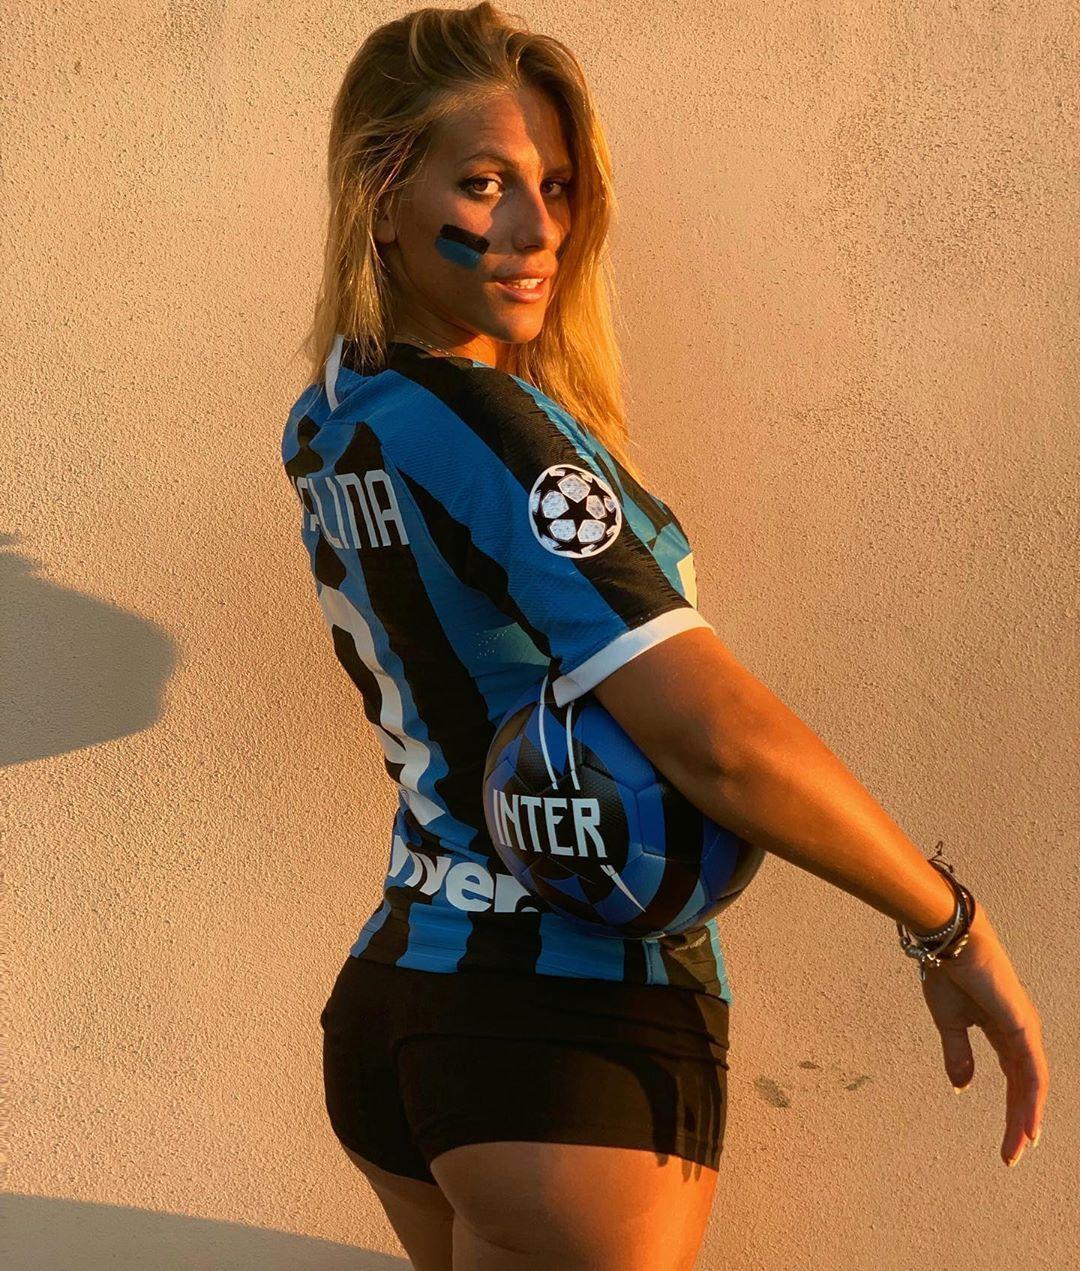 Pin On Inter Milan Girls